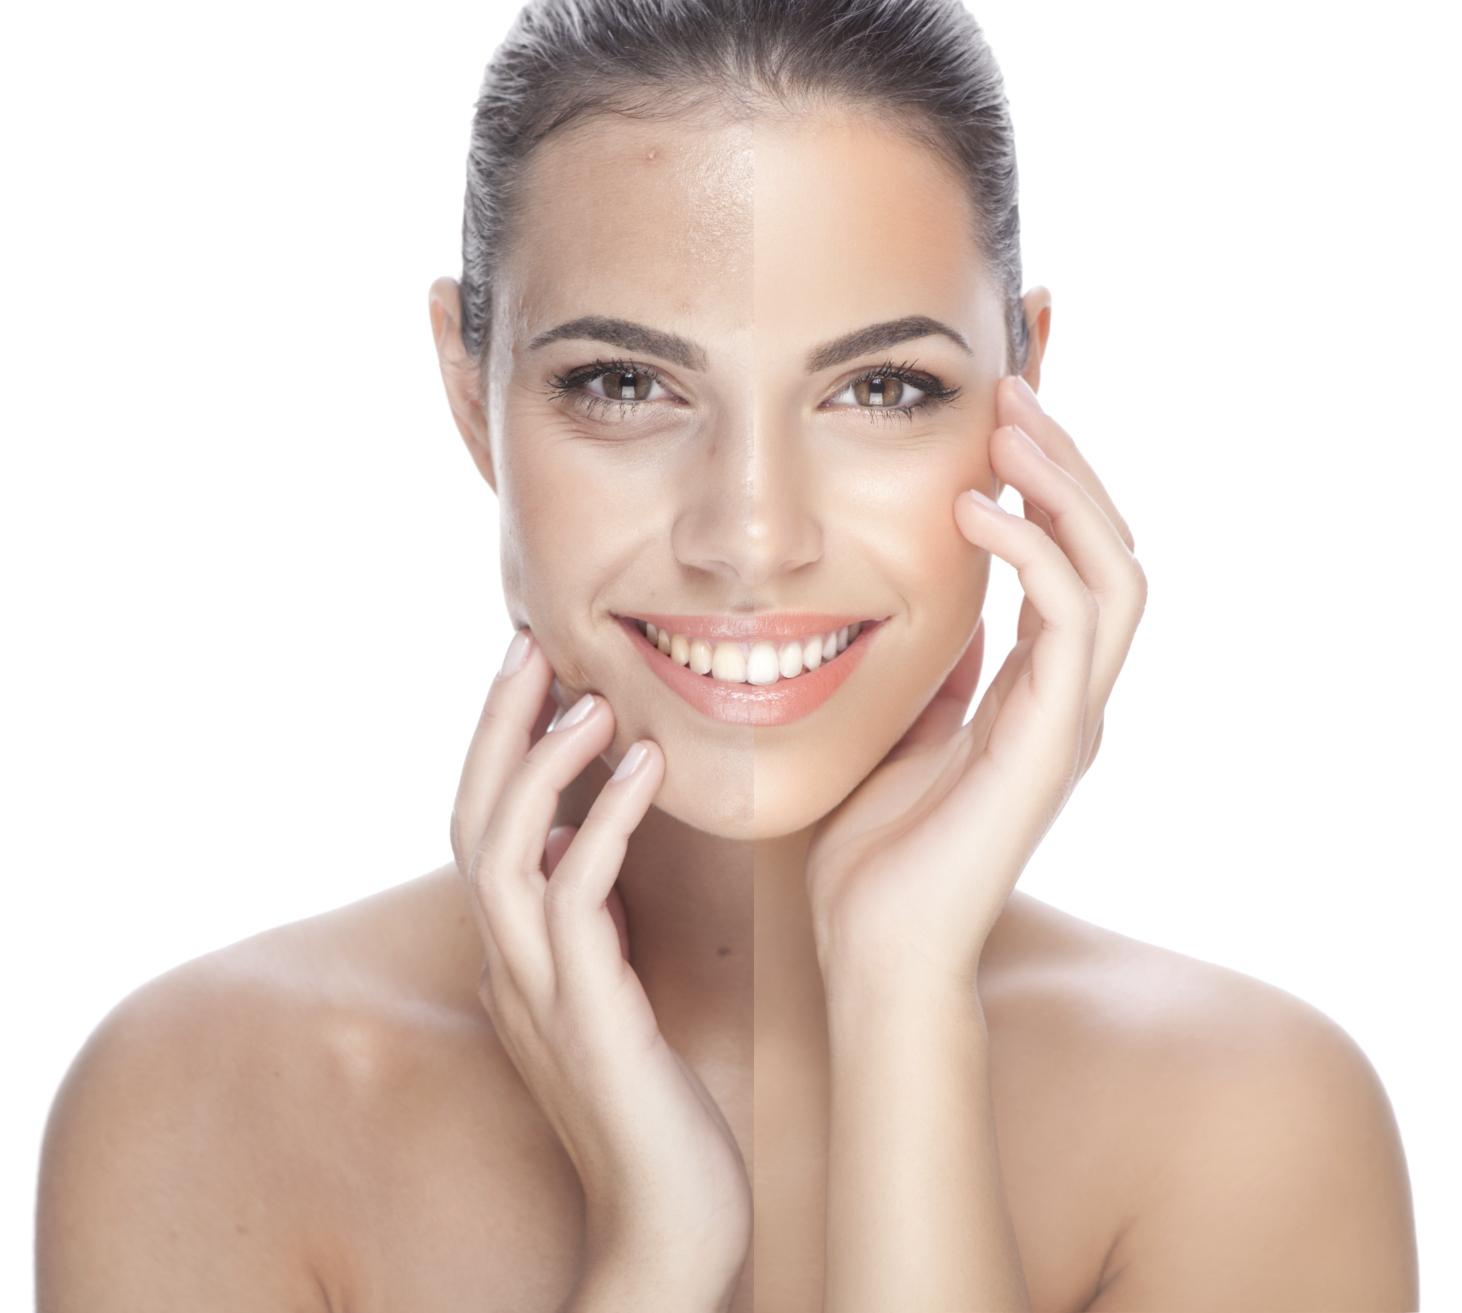 Trattamenti estetici viso e corpo: le novità degli ultimi anni